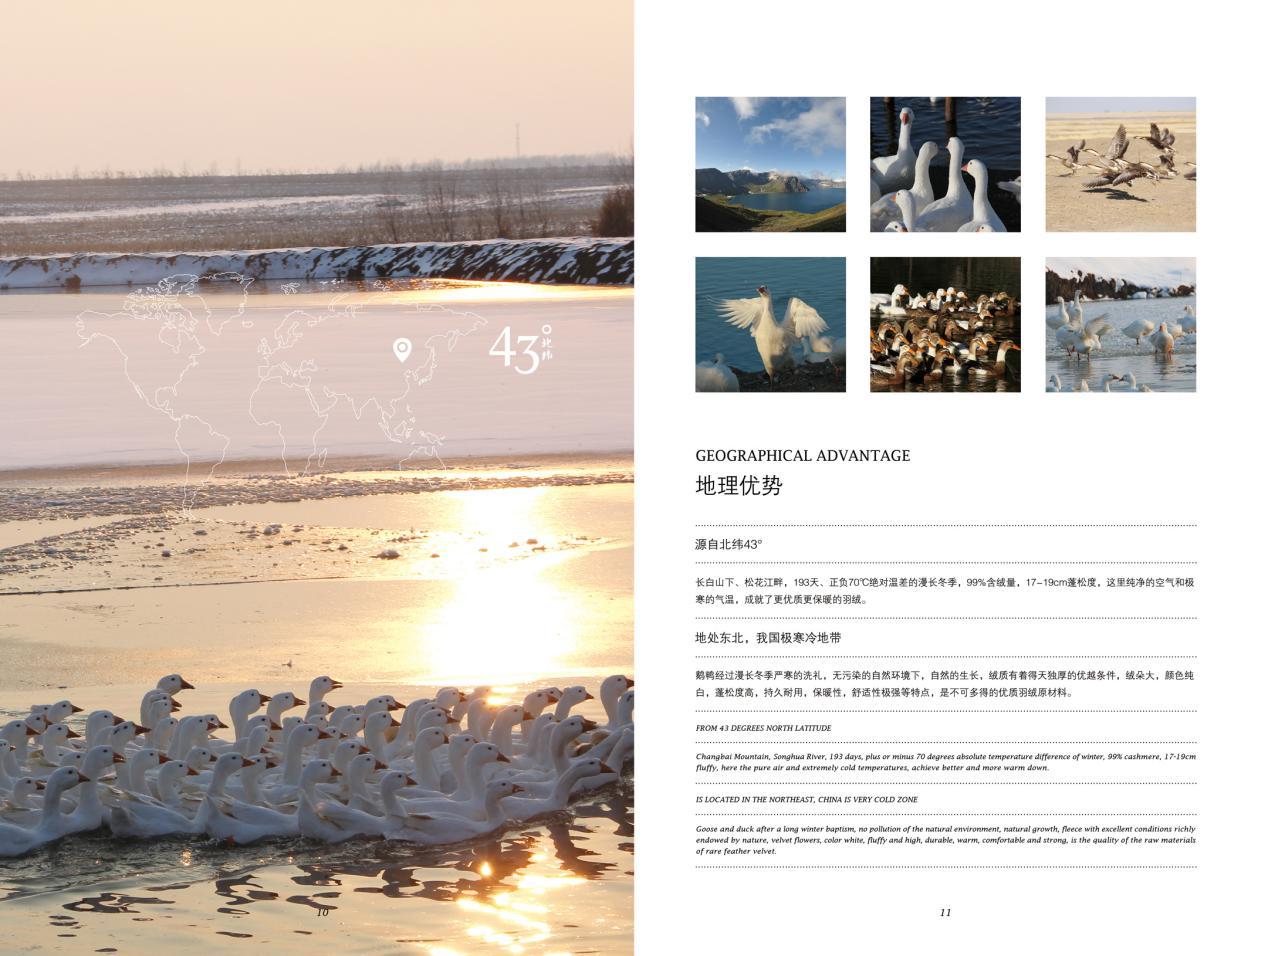 白翎羽绒家纺,采用第一手中国优质羽绒原料打造居家新体验